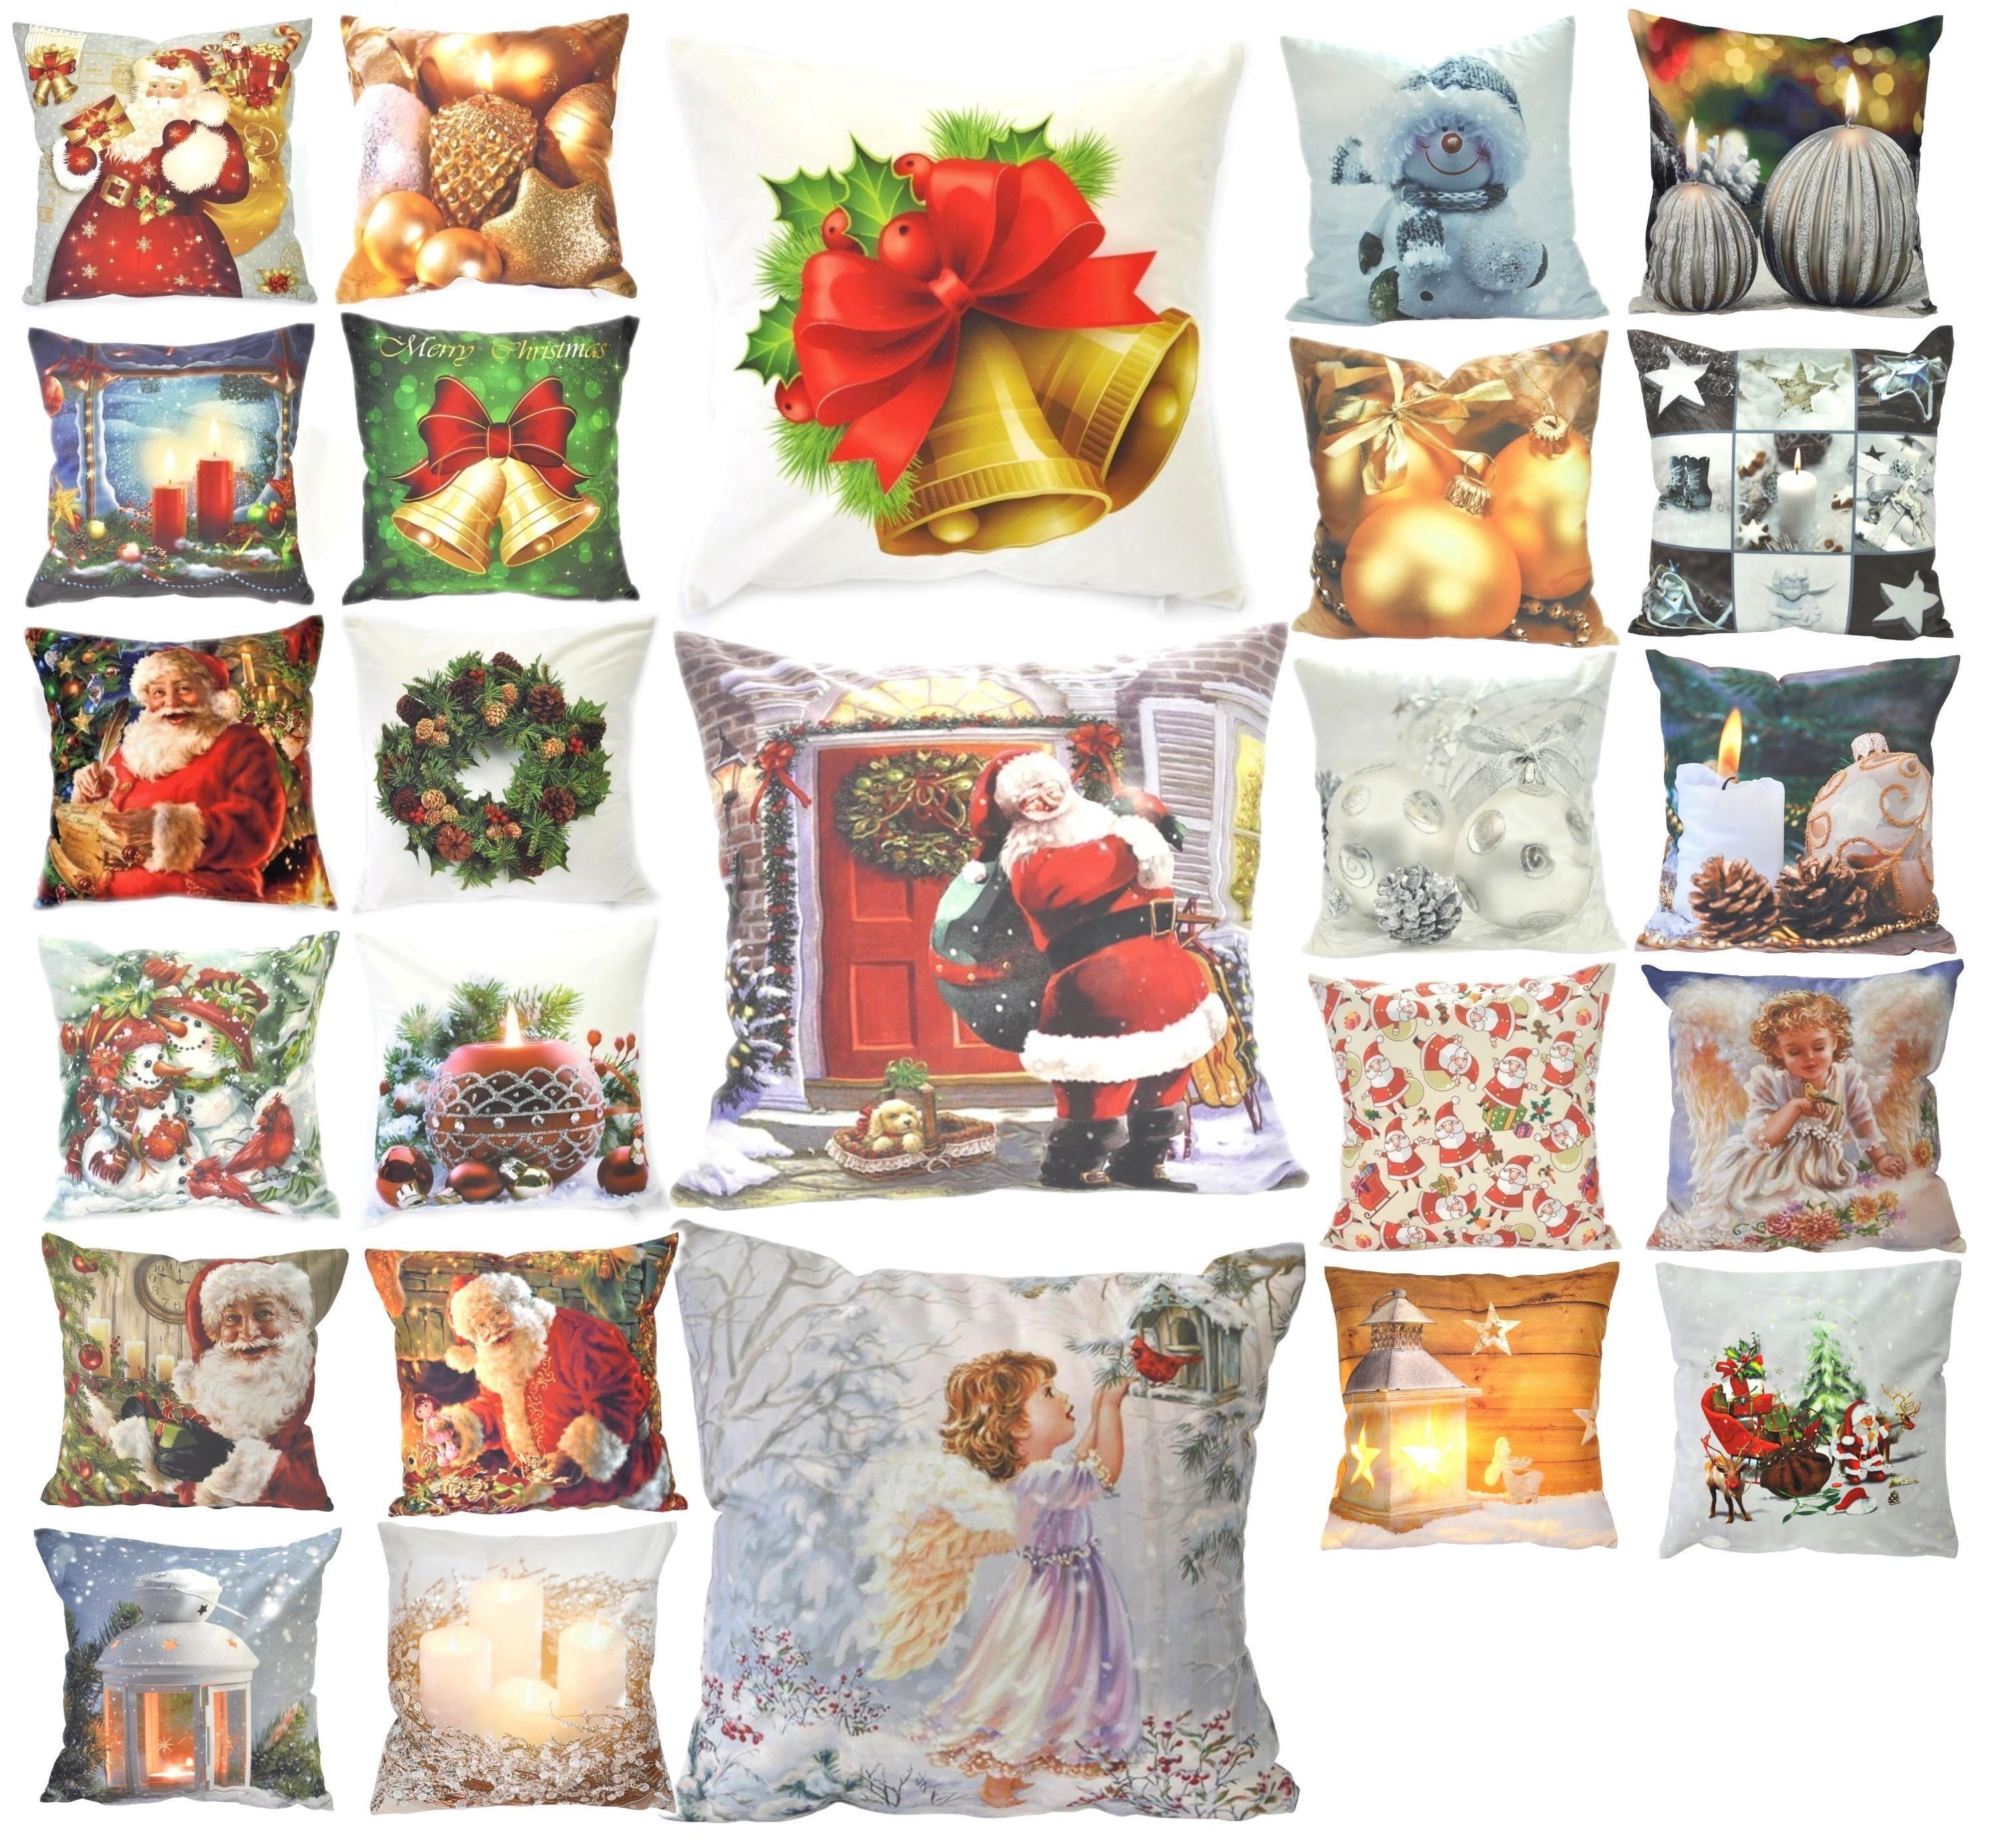 Kissenbezug 40x40 Weihnachten Stickerei Kissenhülle in 4 Motiven Deko Kissen